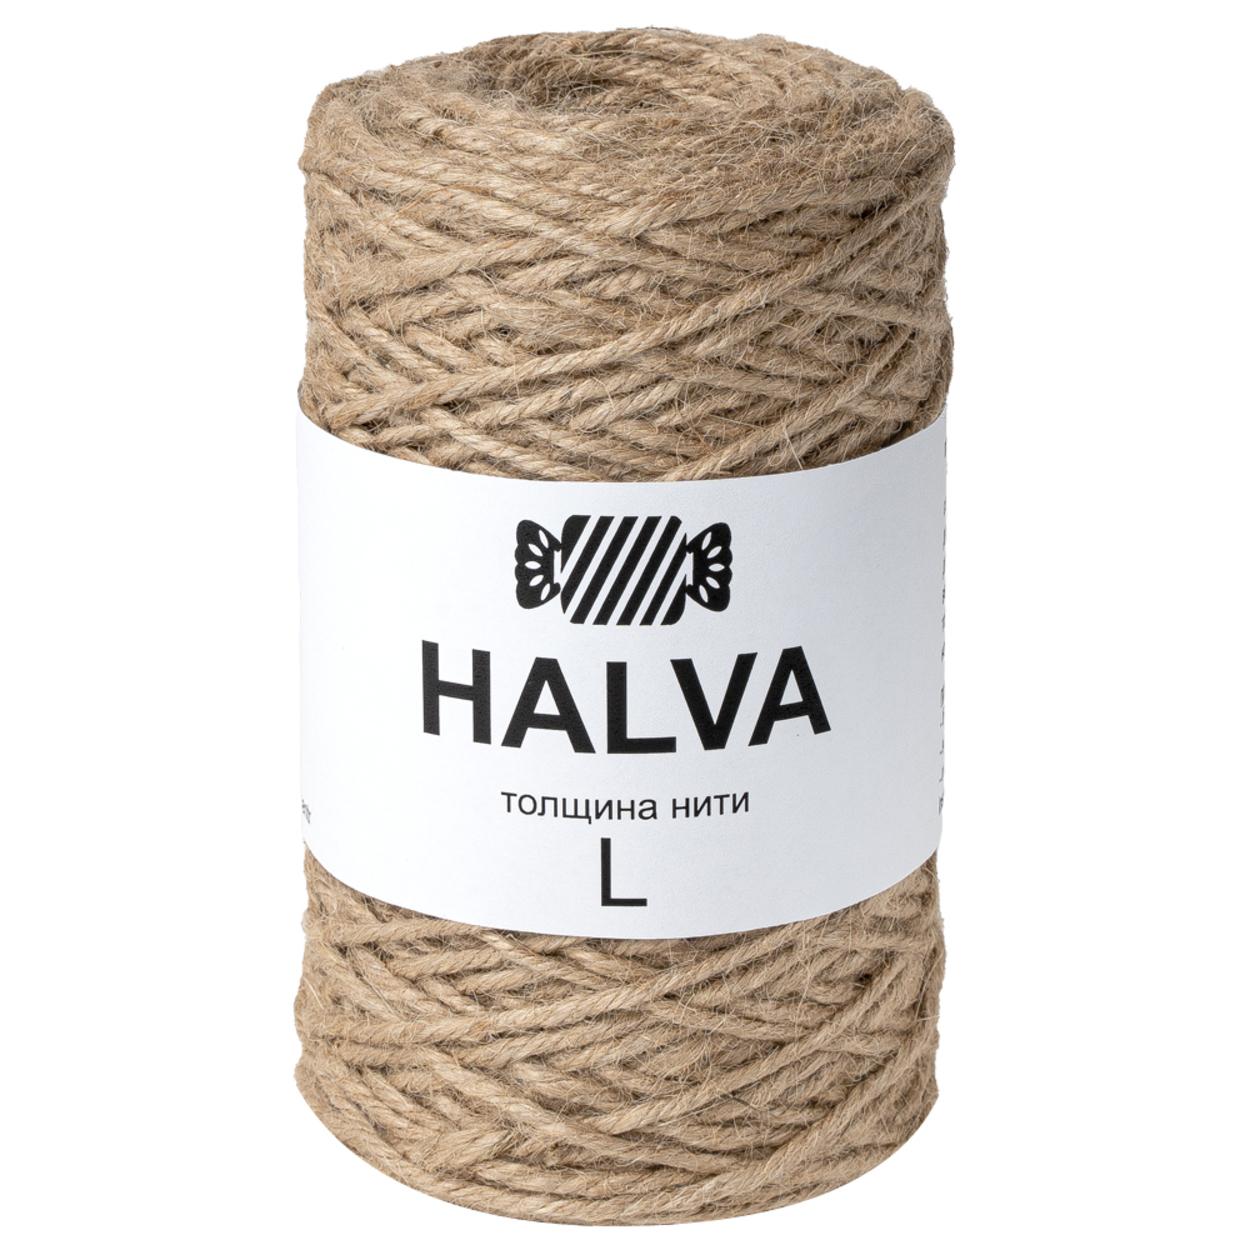 Шнуры для вязания Halva джут толщина нити L 100 м l-1250x1250_1_.jpg